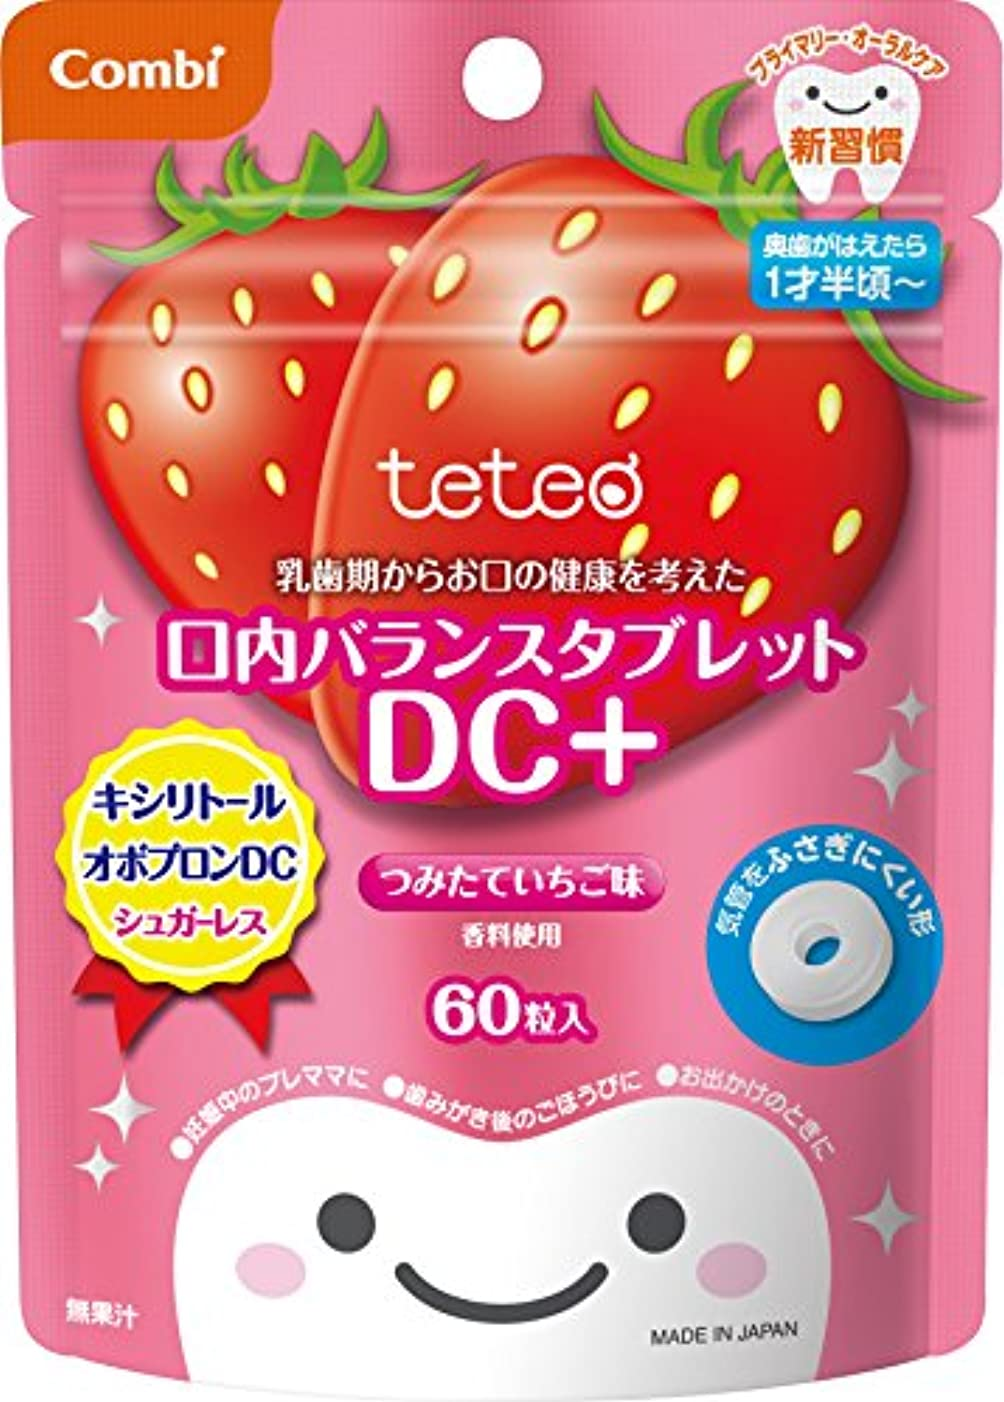 コンビ テテオ 乳歯期からお口の健康を考えた 口内バランスタブレット DC+ つみたていちご味 60粒入